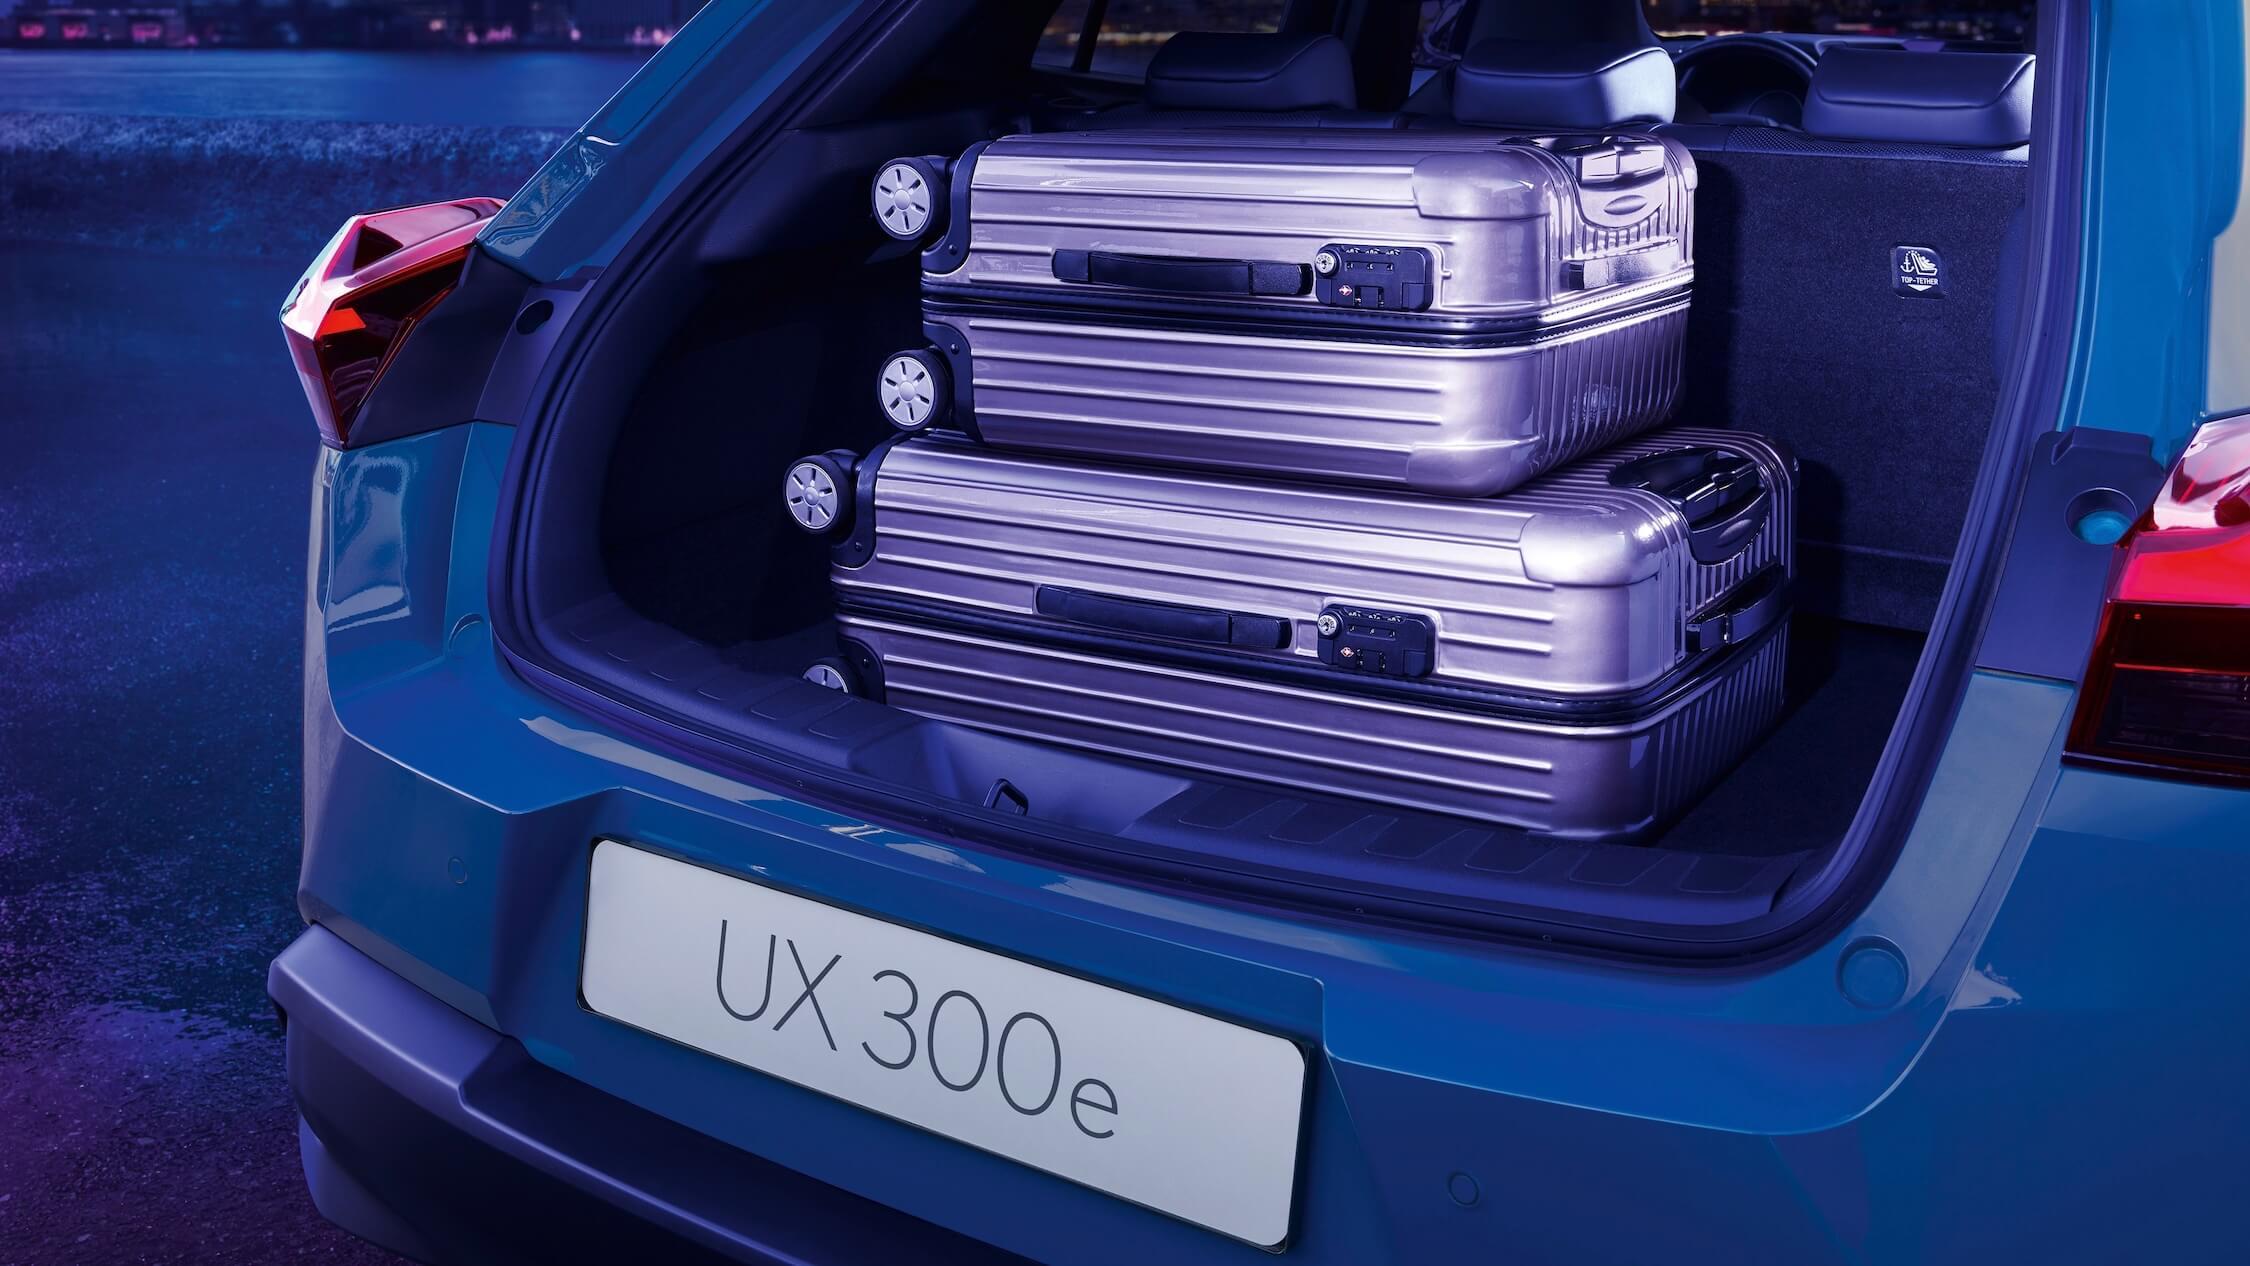 Lexus UX 300e bagageira